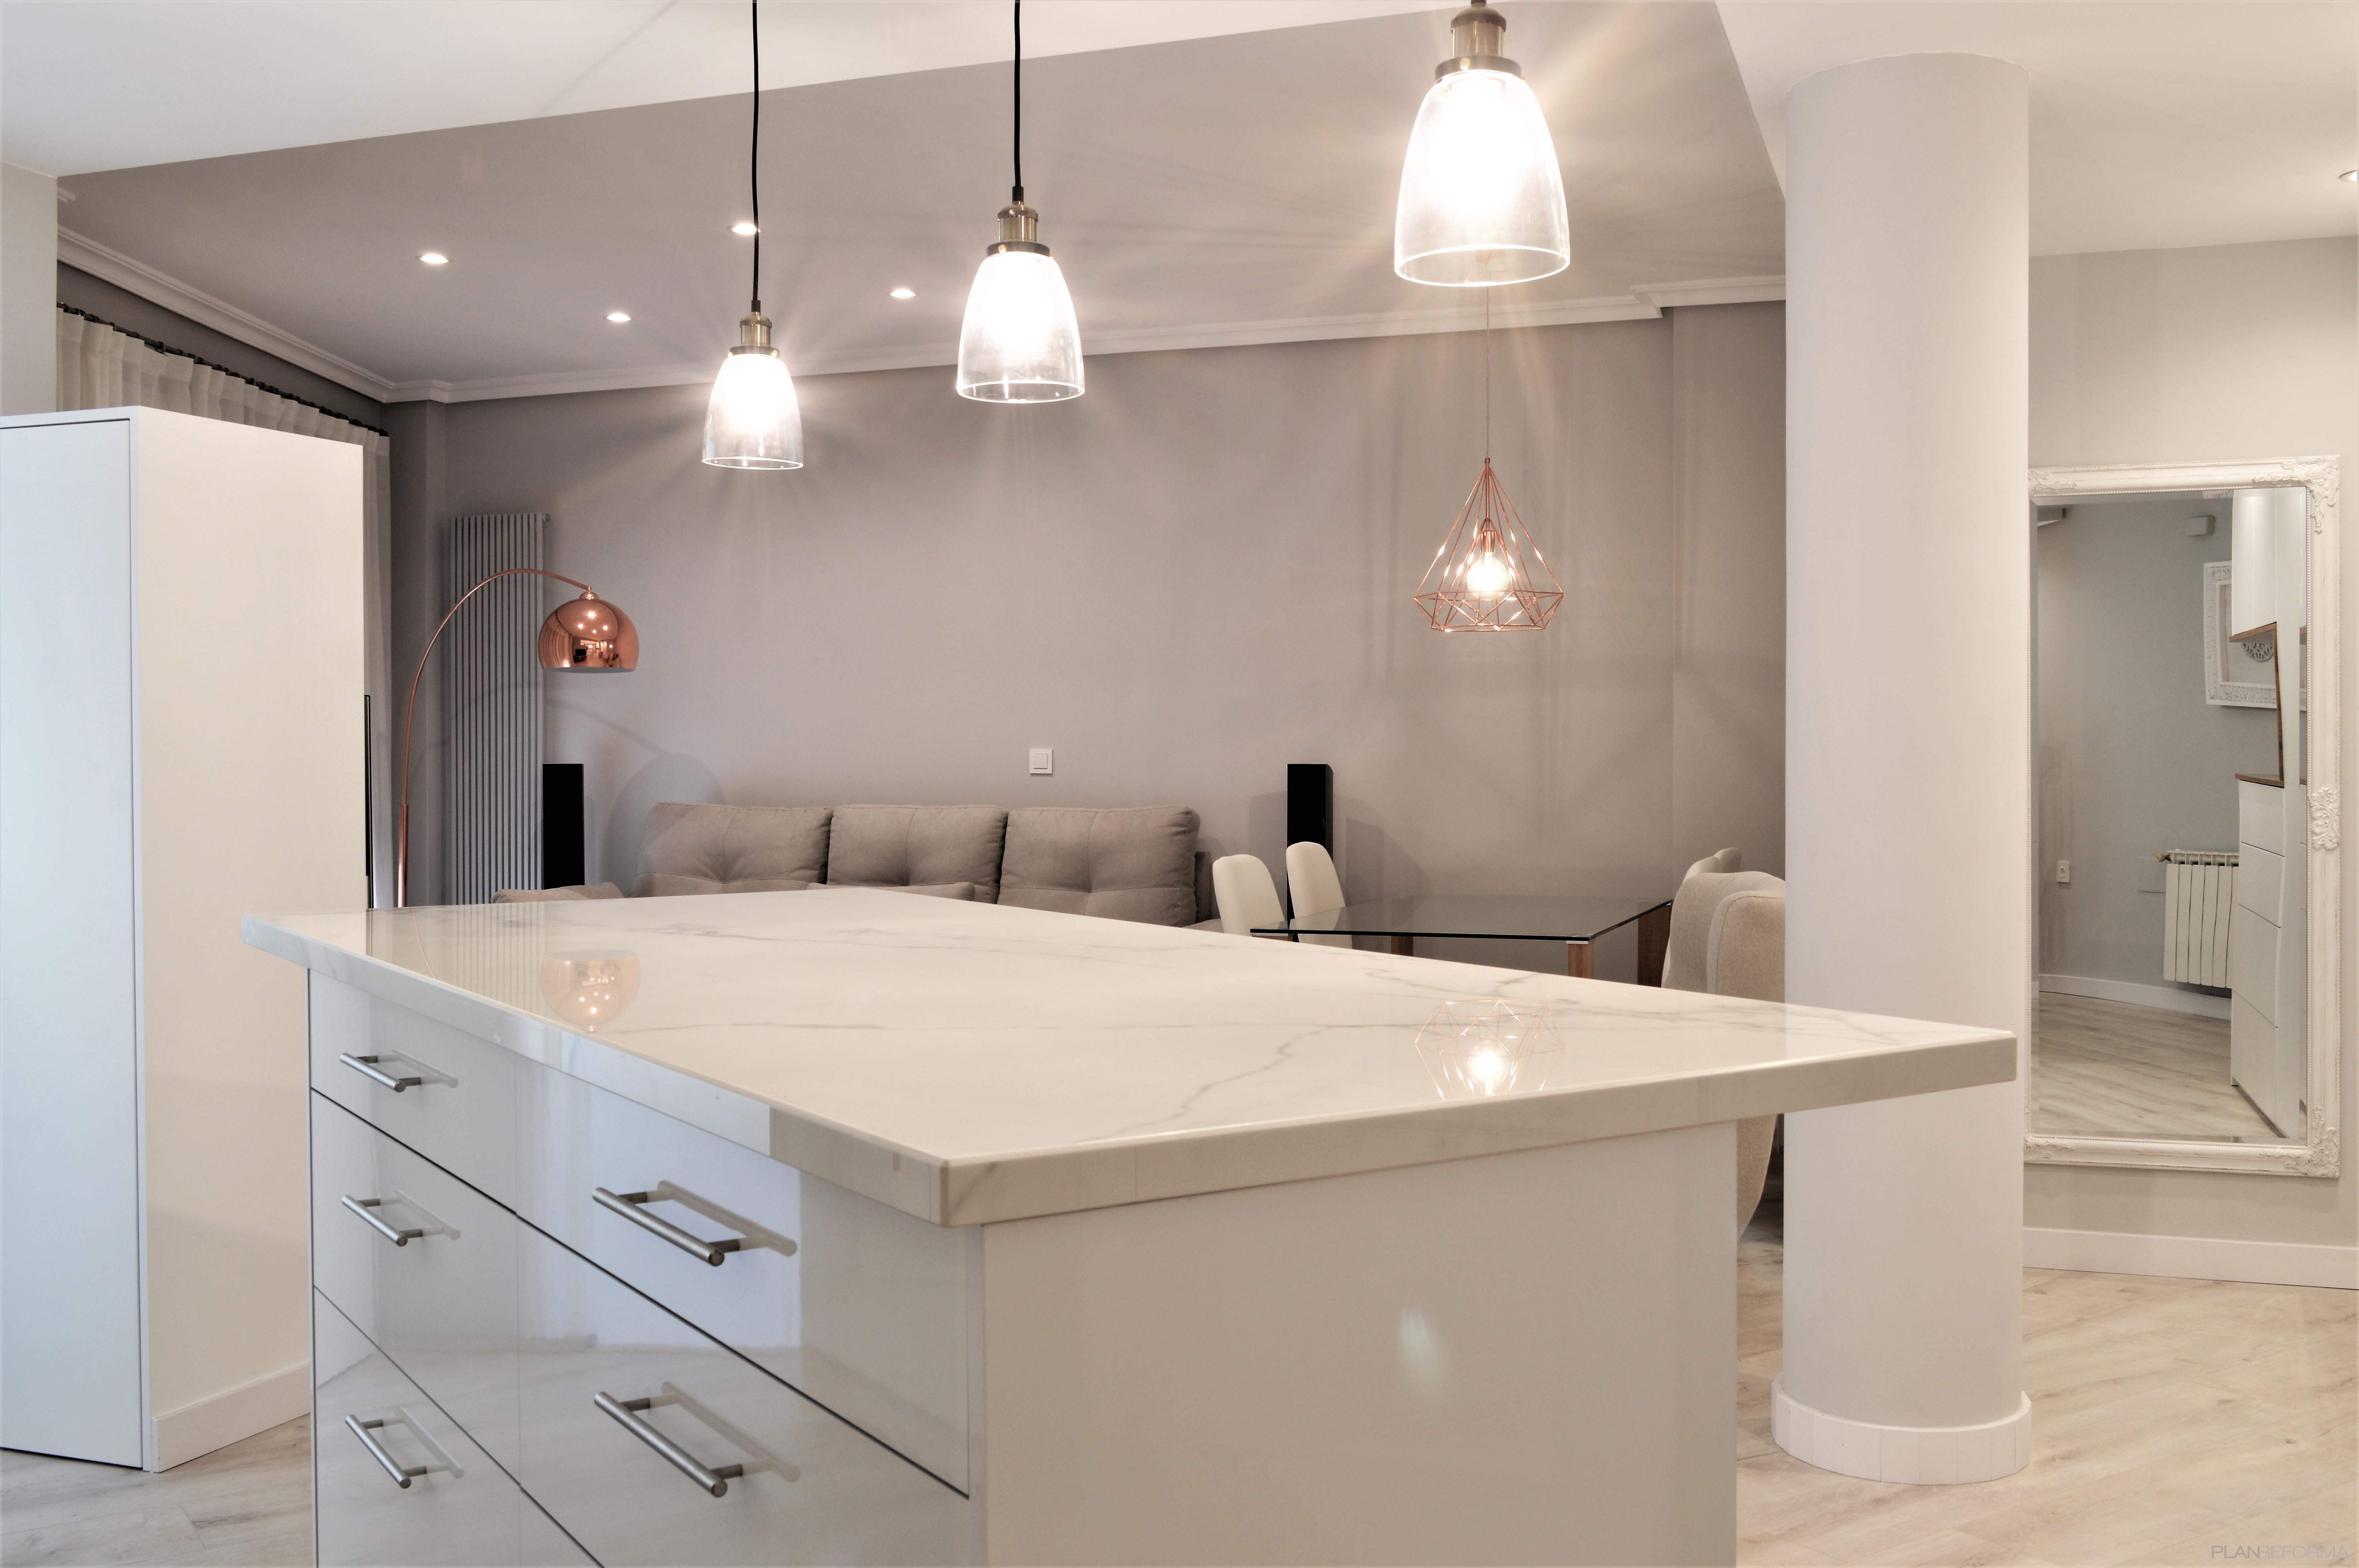 Cocina, Salon Estilo moderno Color blanco  diseñado por INTRO interiorismo y reformas | Gremio | Copyright INTRO interiorismo y reformas es el propietario de la imagen.